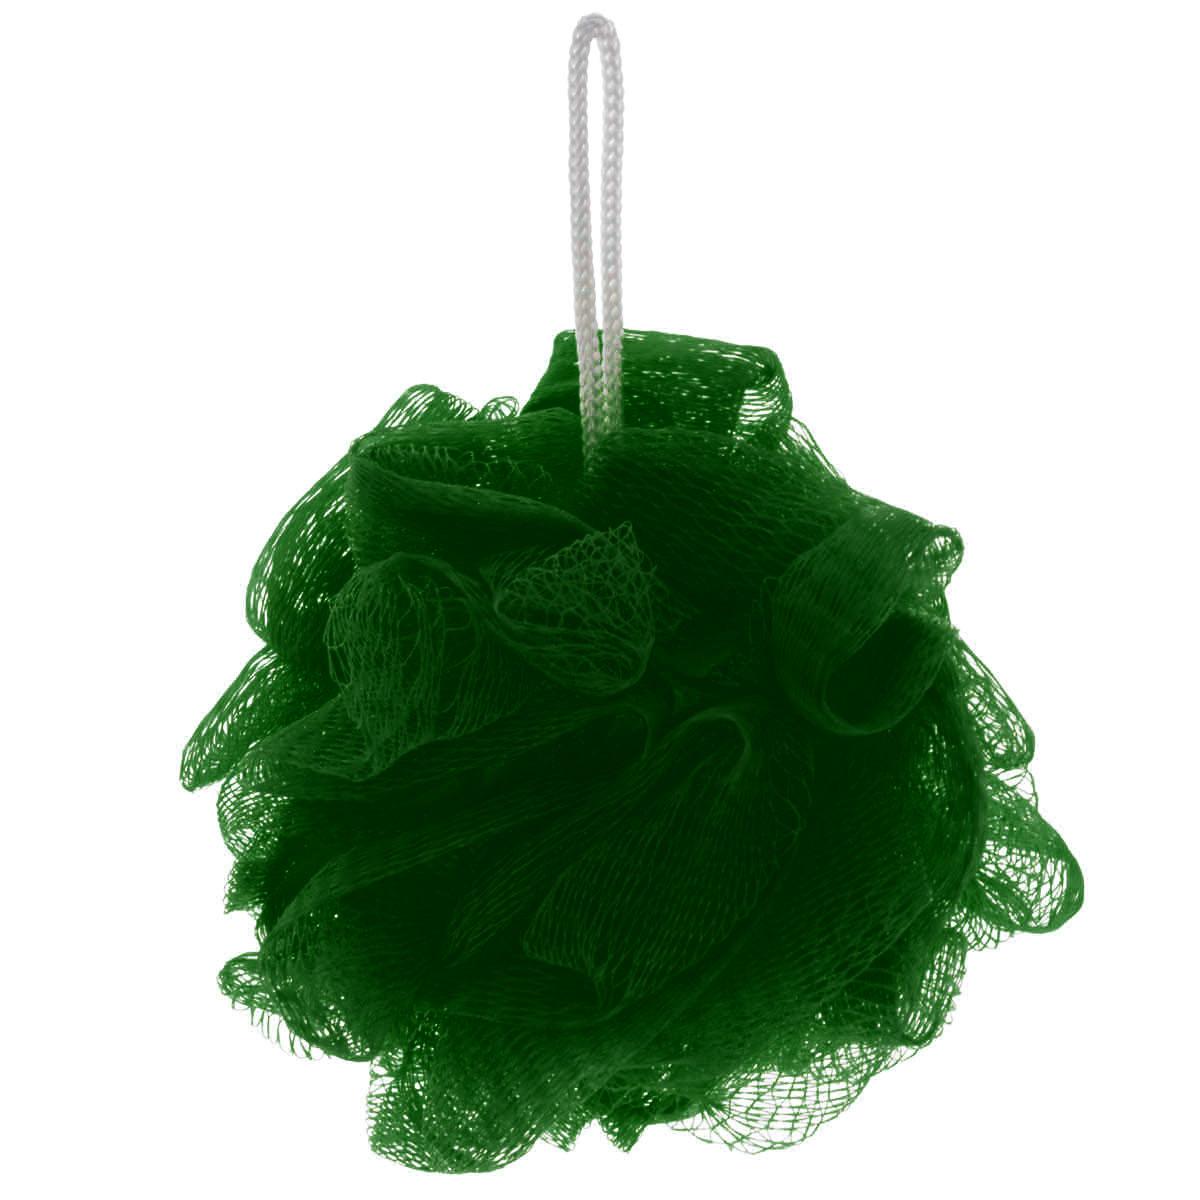 Мочалка Eva Бантик, цвет: темно-зеленый, диаметр 11 смМС45_темно-зеленыйМочалка Eva Бантик, выполненная из нейлона, предназначена для мягкого очищения кожи. Она станет незаменимым аксессуаром ванной комнаты. Мочалка отлично пенится, обладает легким массажным воздействием, идеально подходит для нежной и чувствительной кожи. На мочалке имеется удобная петля для подвешивания. Диаметр: 11 см.